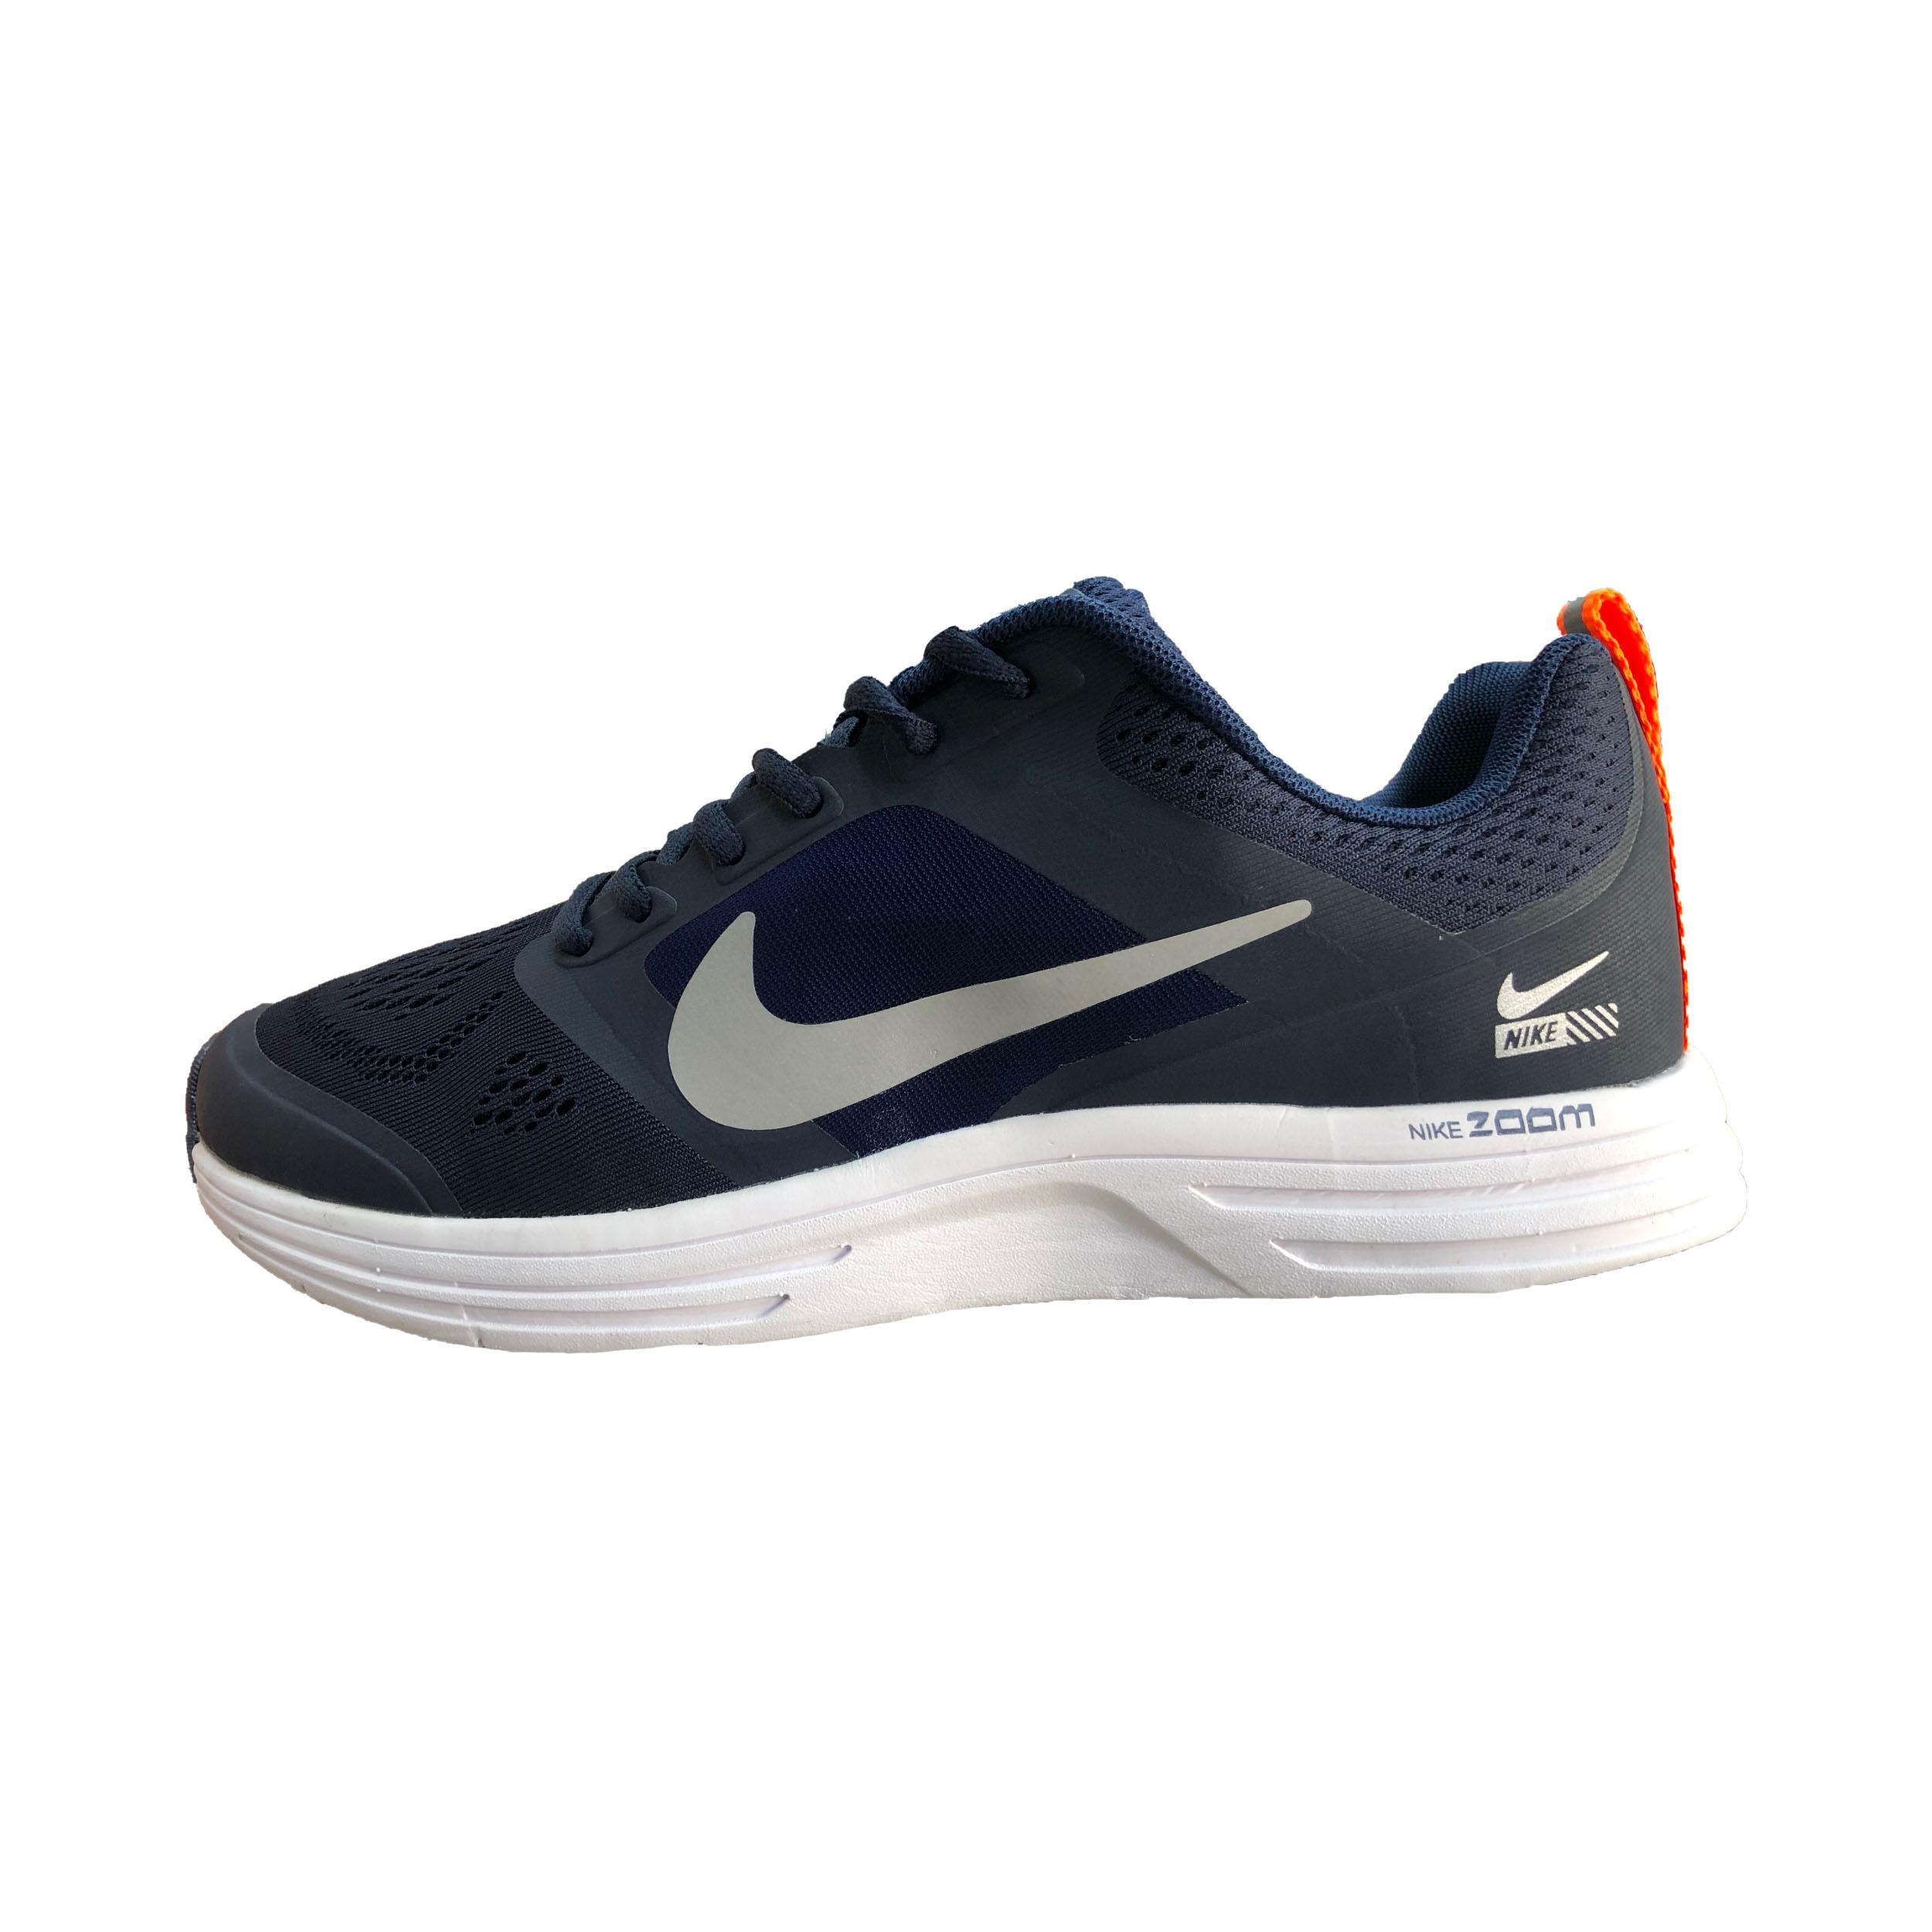 کفش پیاده روی مردانه نایکیمدل zoom             , خرید اینترنتی